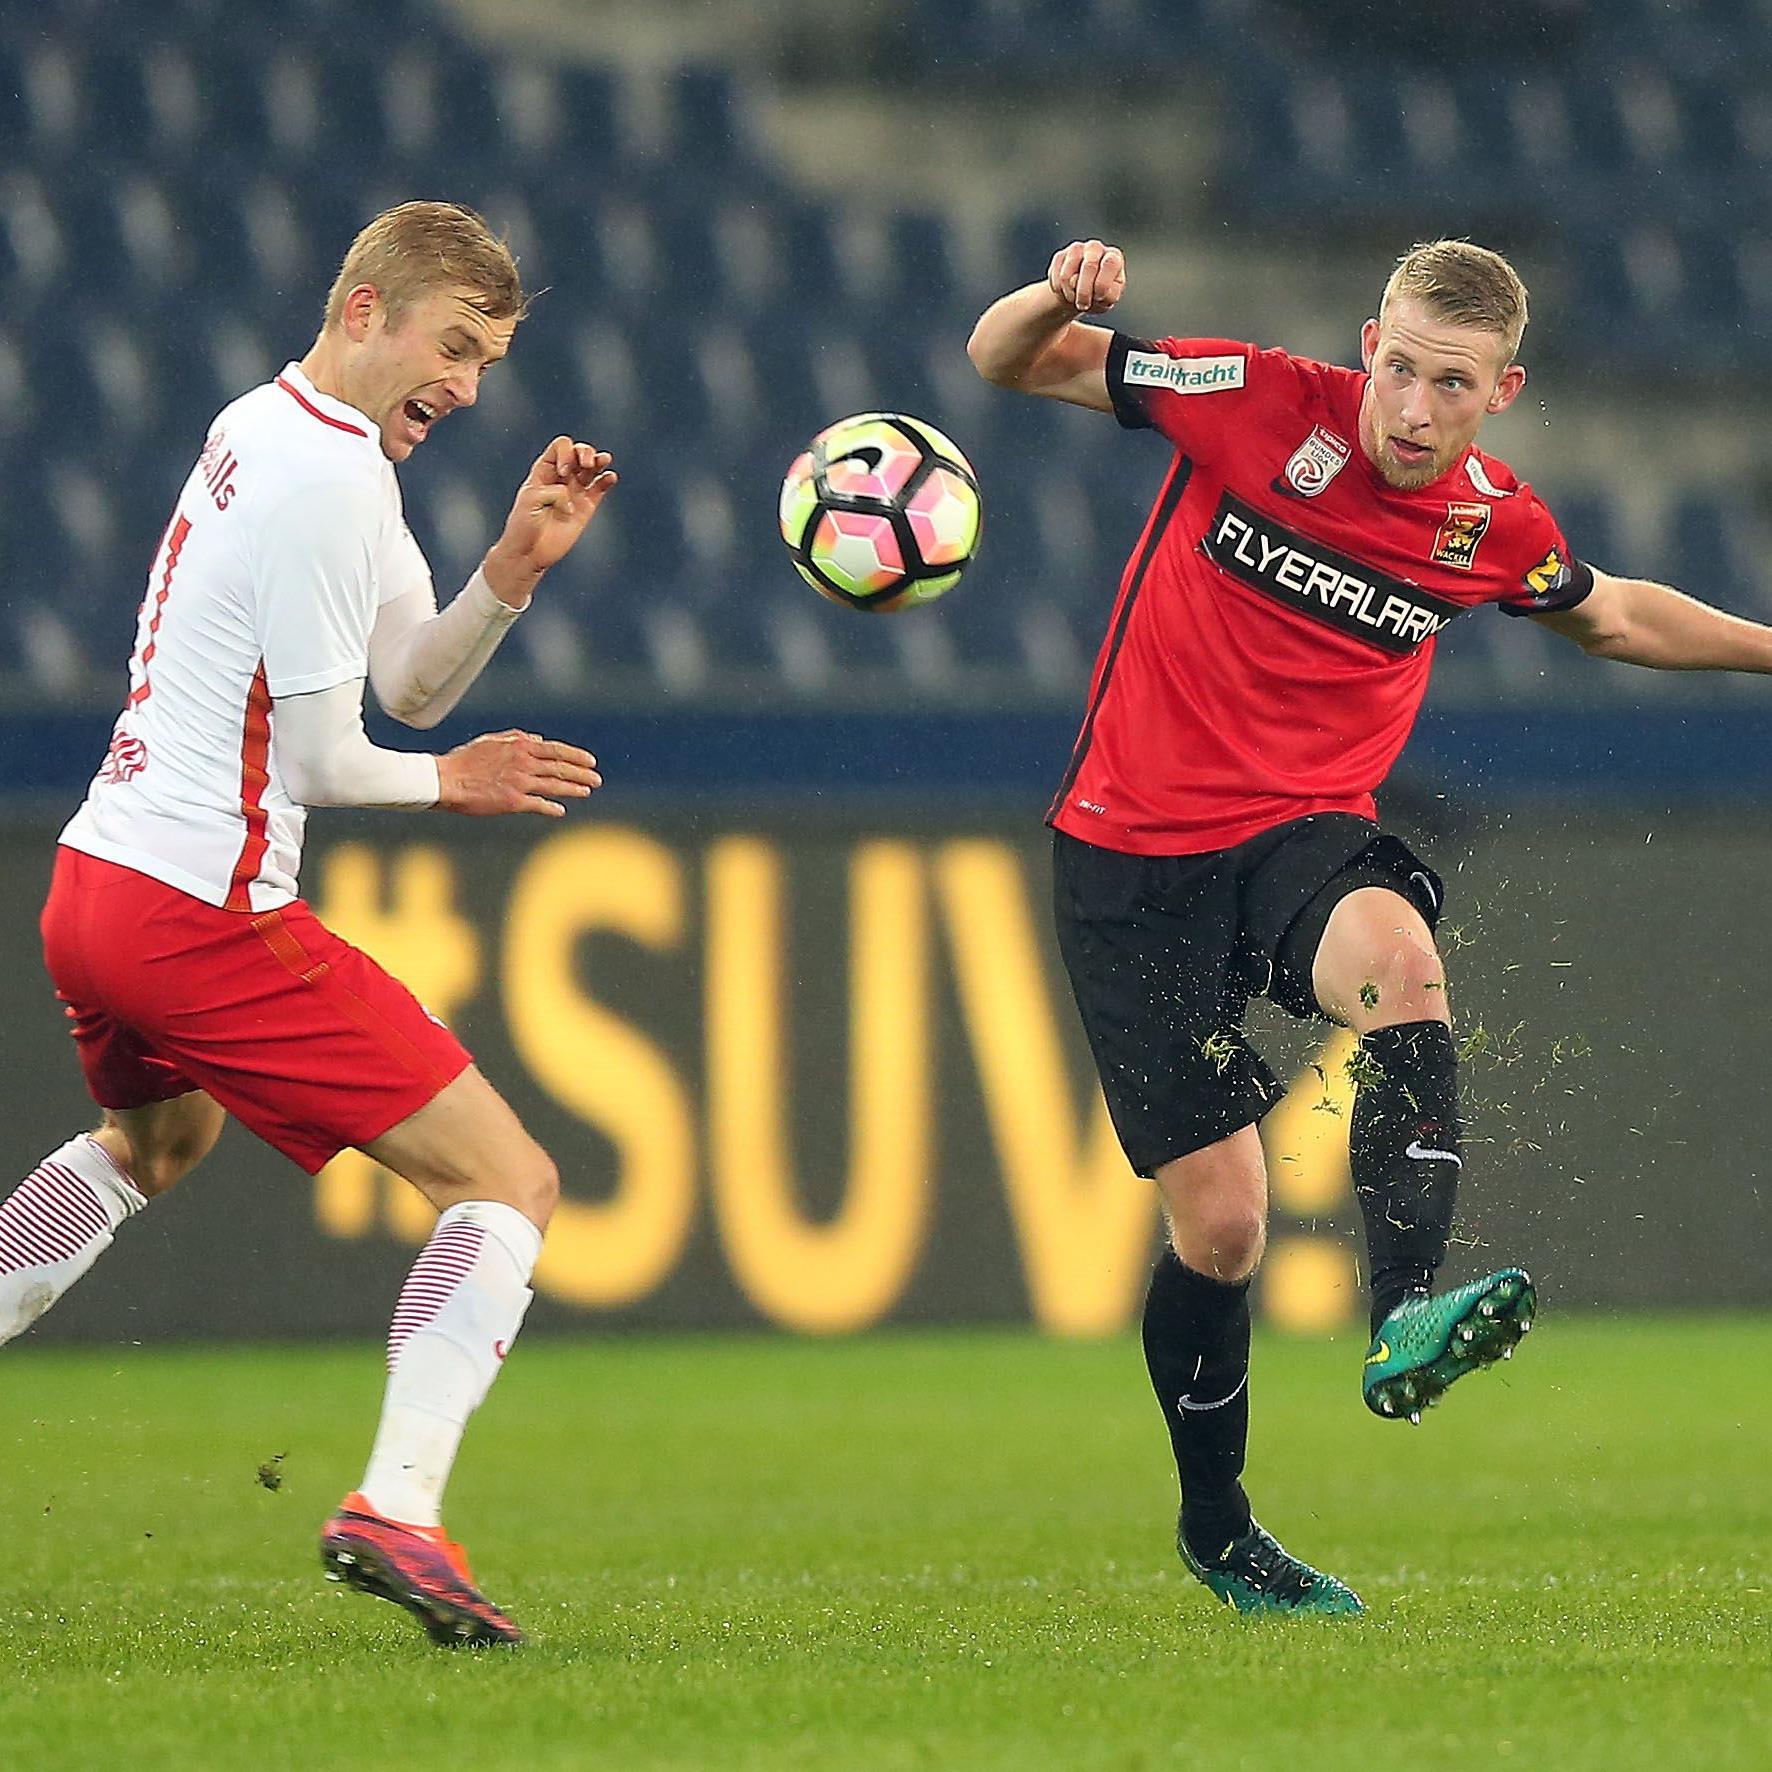 LIVE-Ticker zum Spiel Admira Wacker gegen Red Bull Salzburg ab 18.30 Uhr.